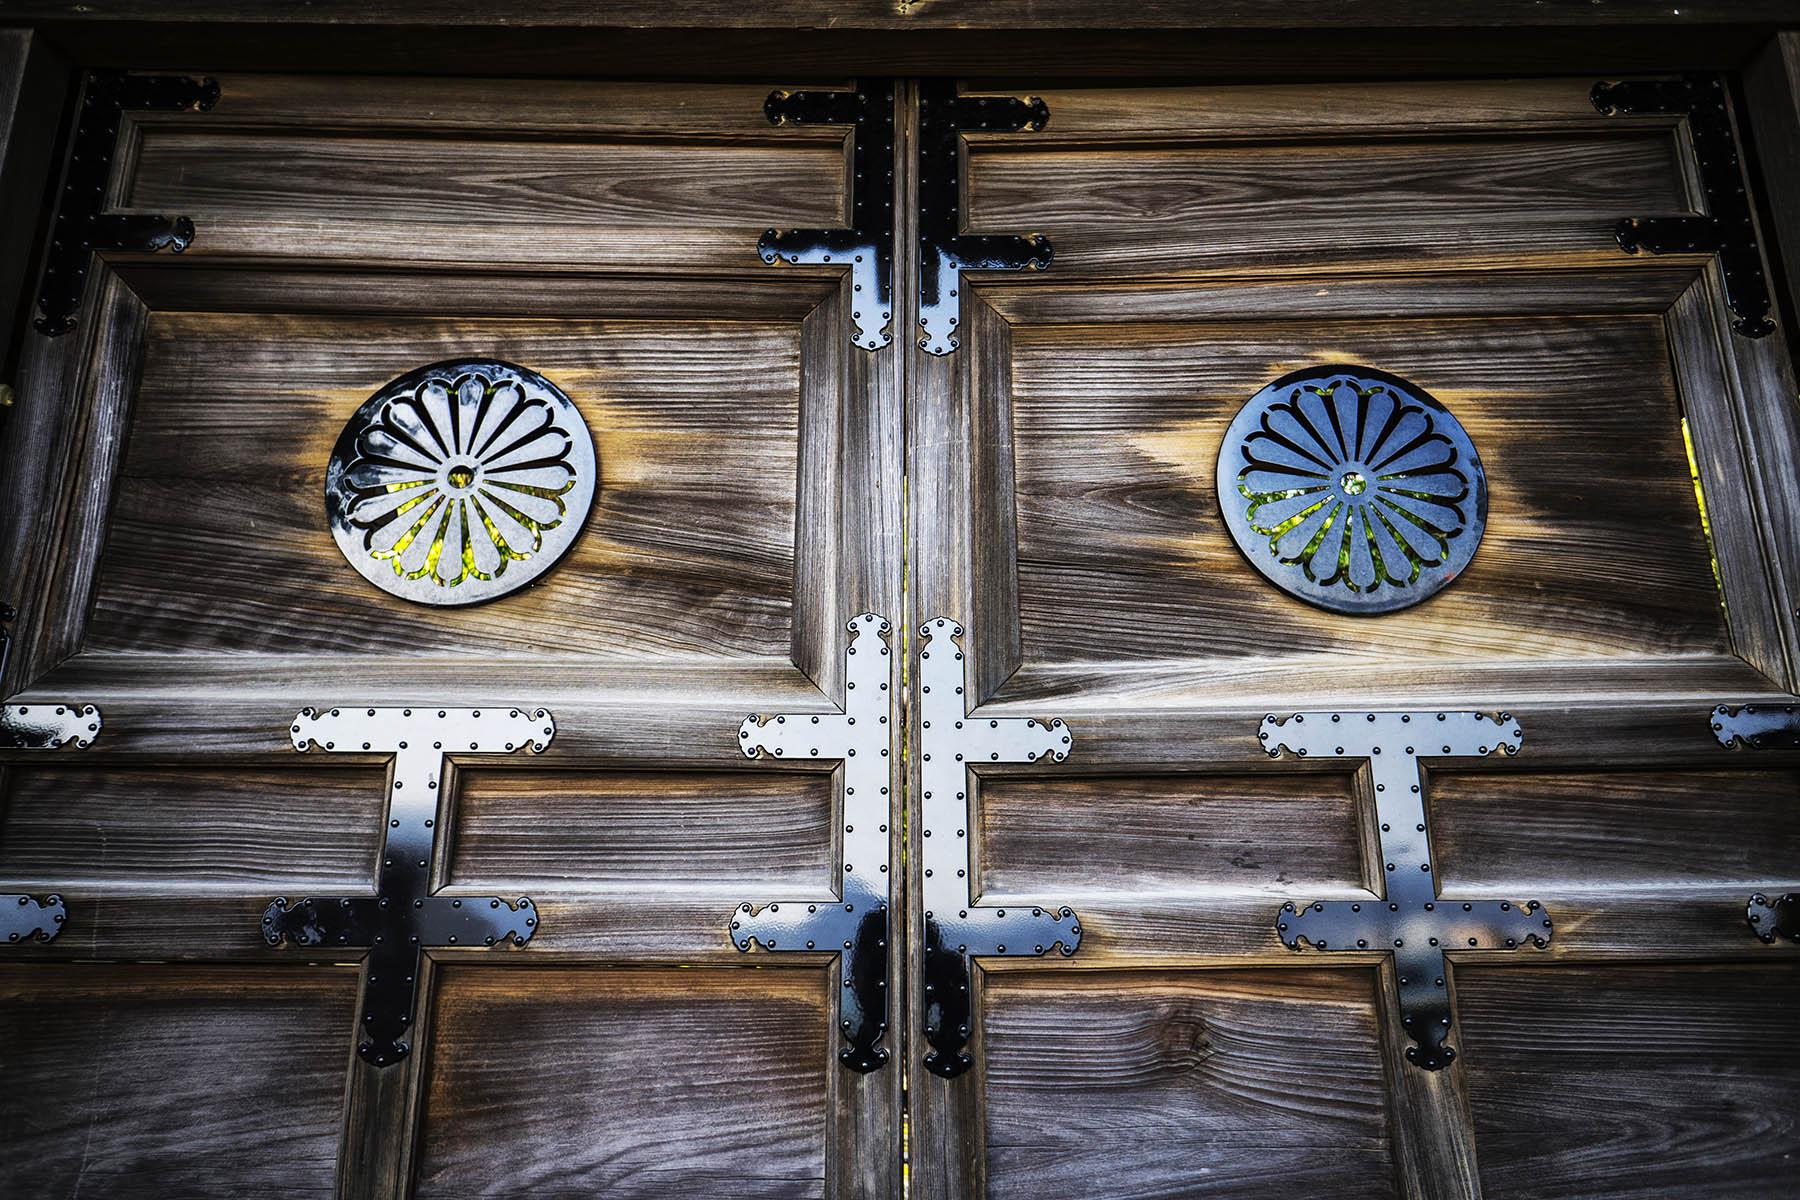 祇園精舎の鐘の声_c0028861_19315134.jpg